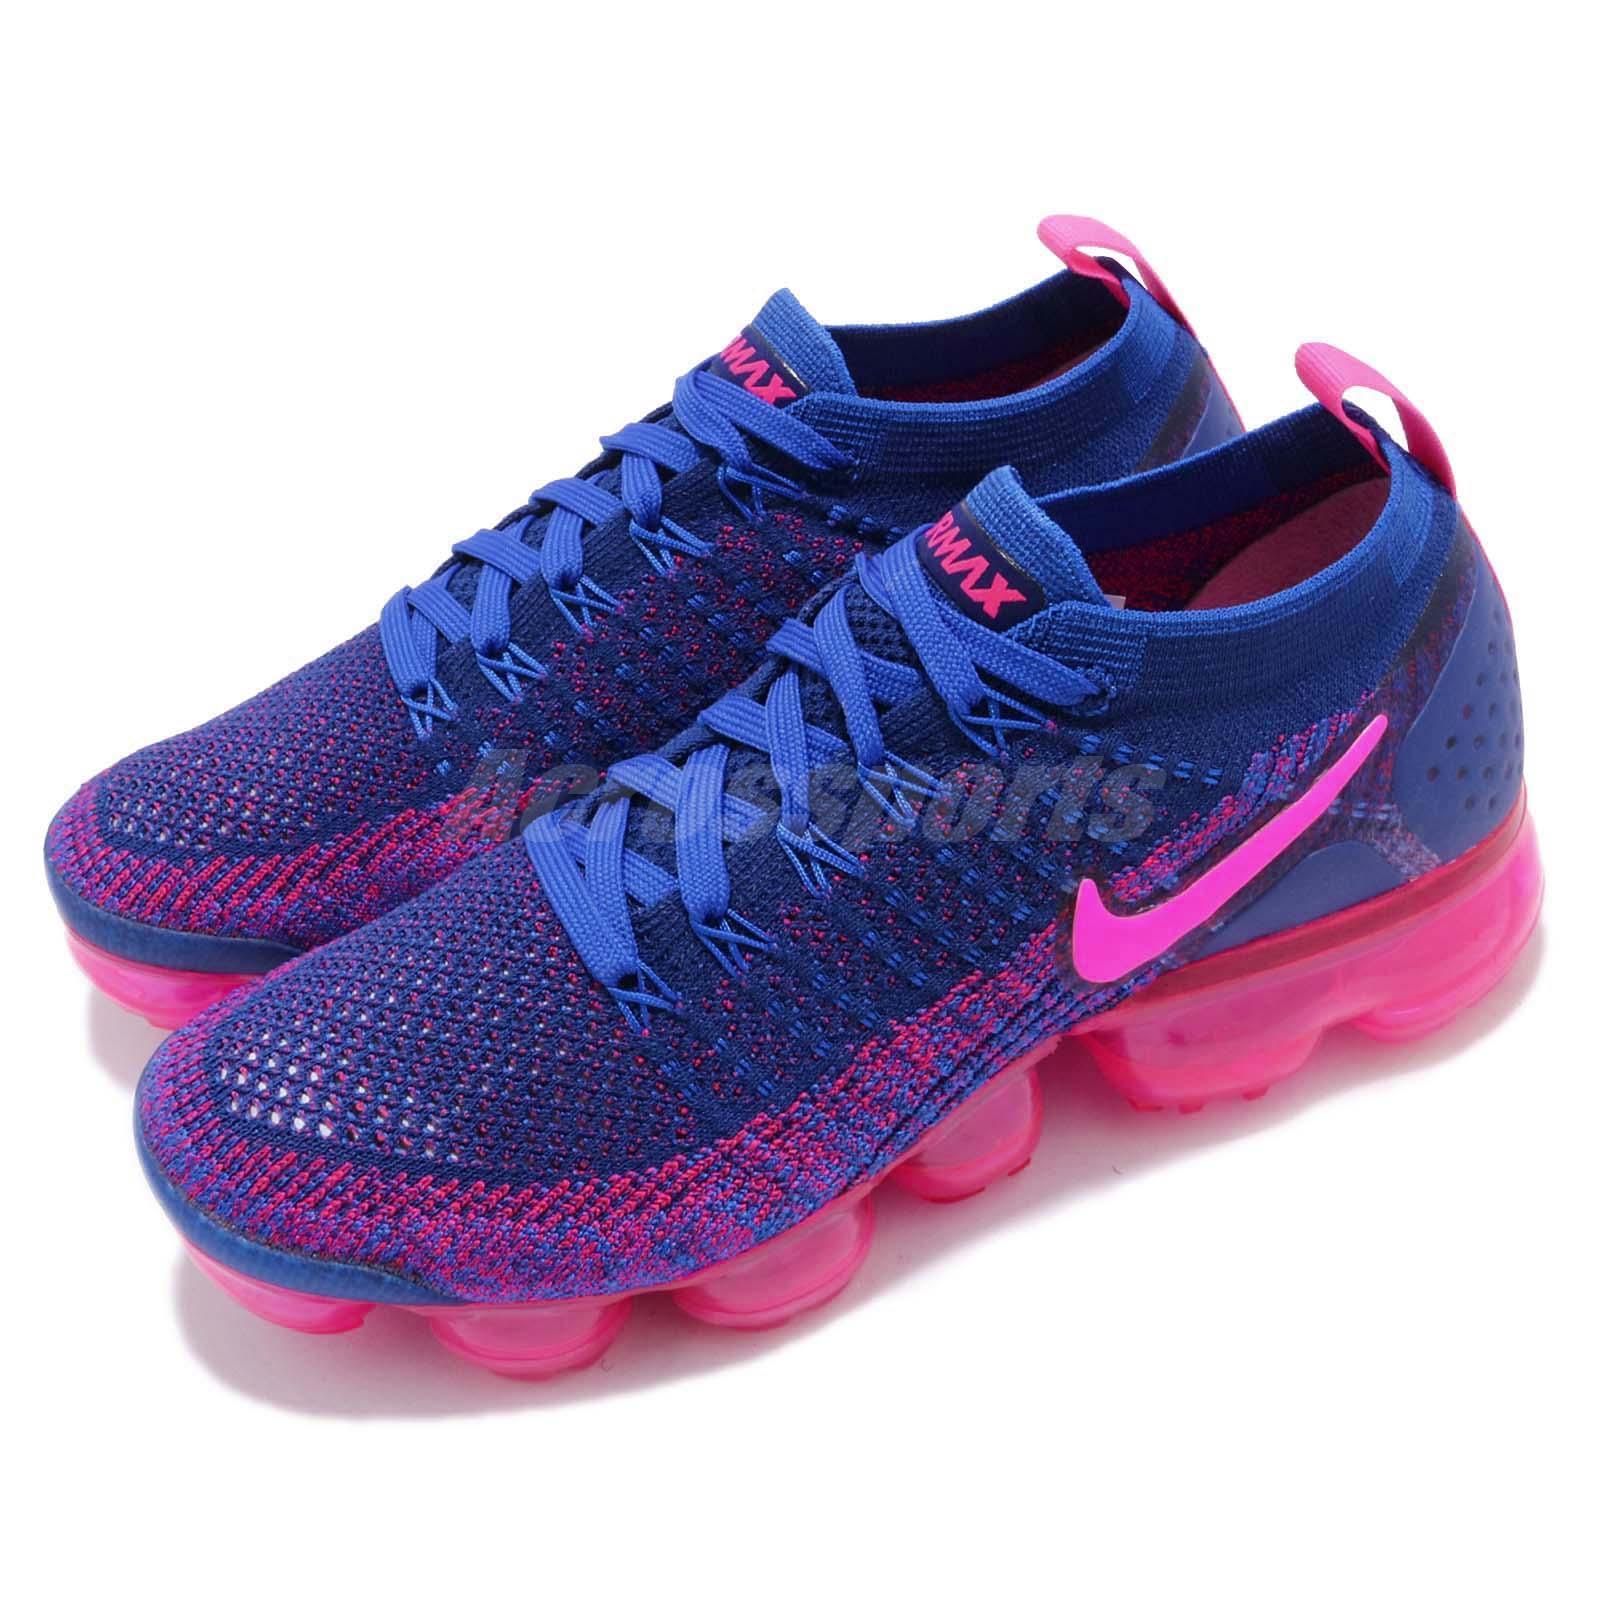 best service b13b3 82718 Details about Nike Wmns Air Vapormax Flyknit 2 Racer Pink Blue Women  Running Shoes 942843-601